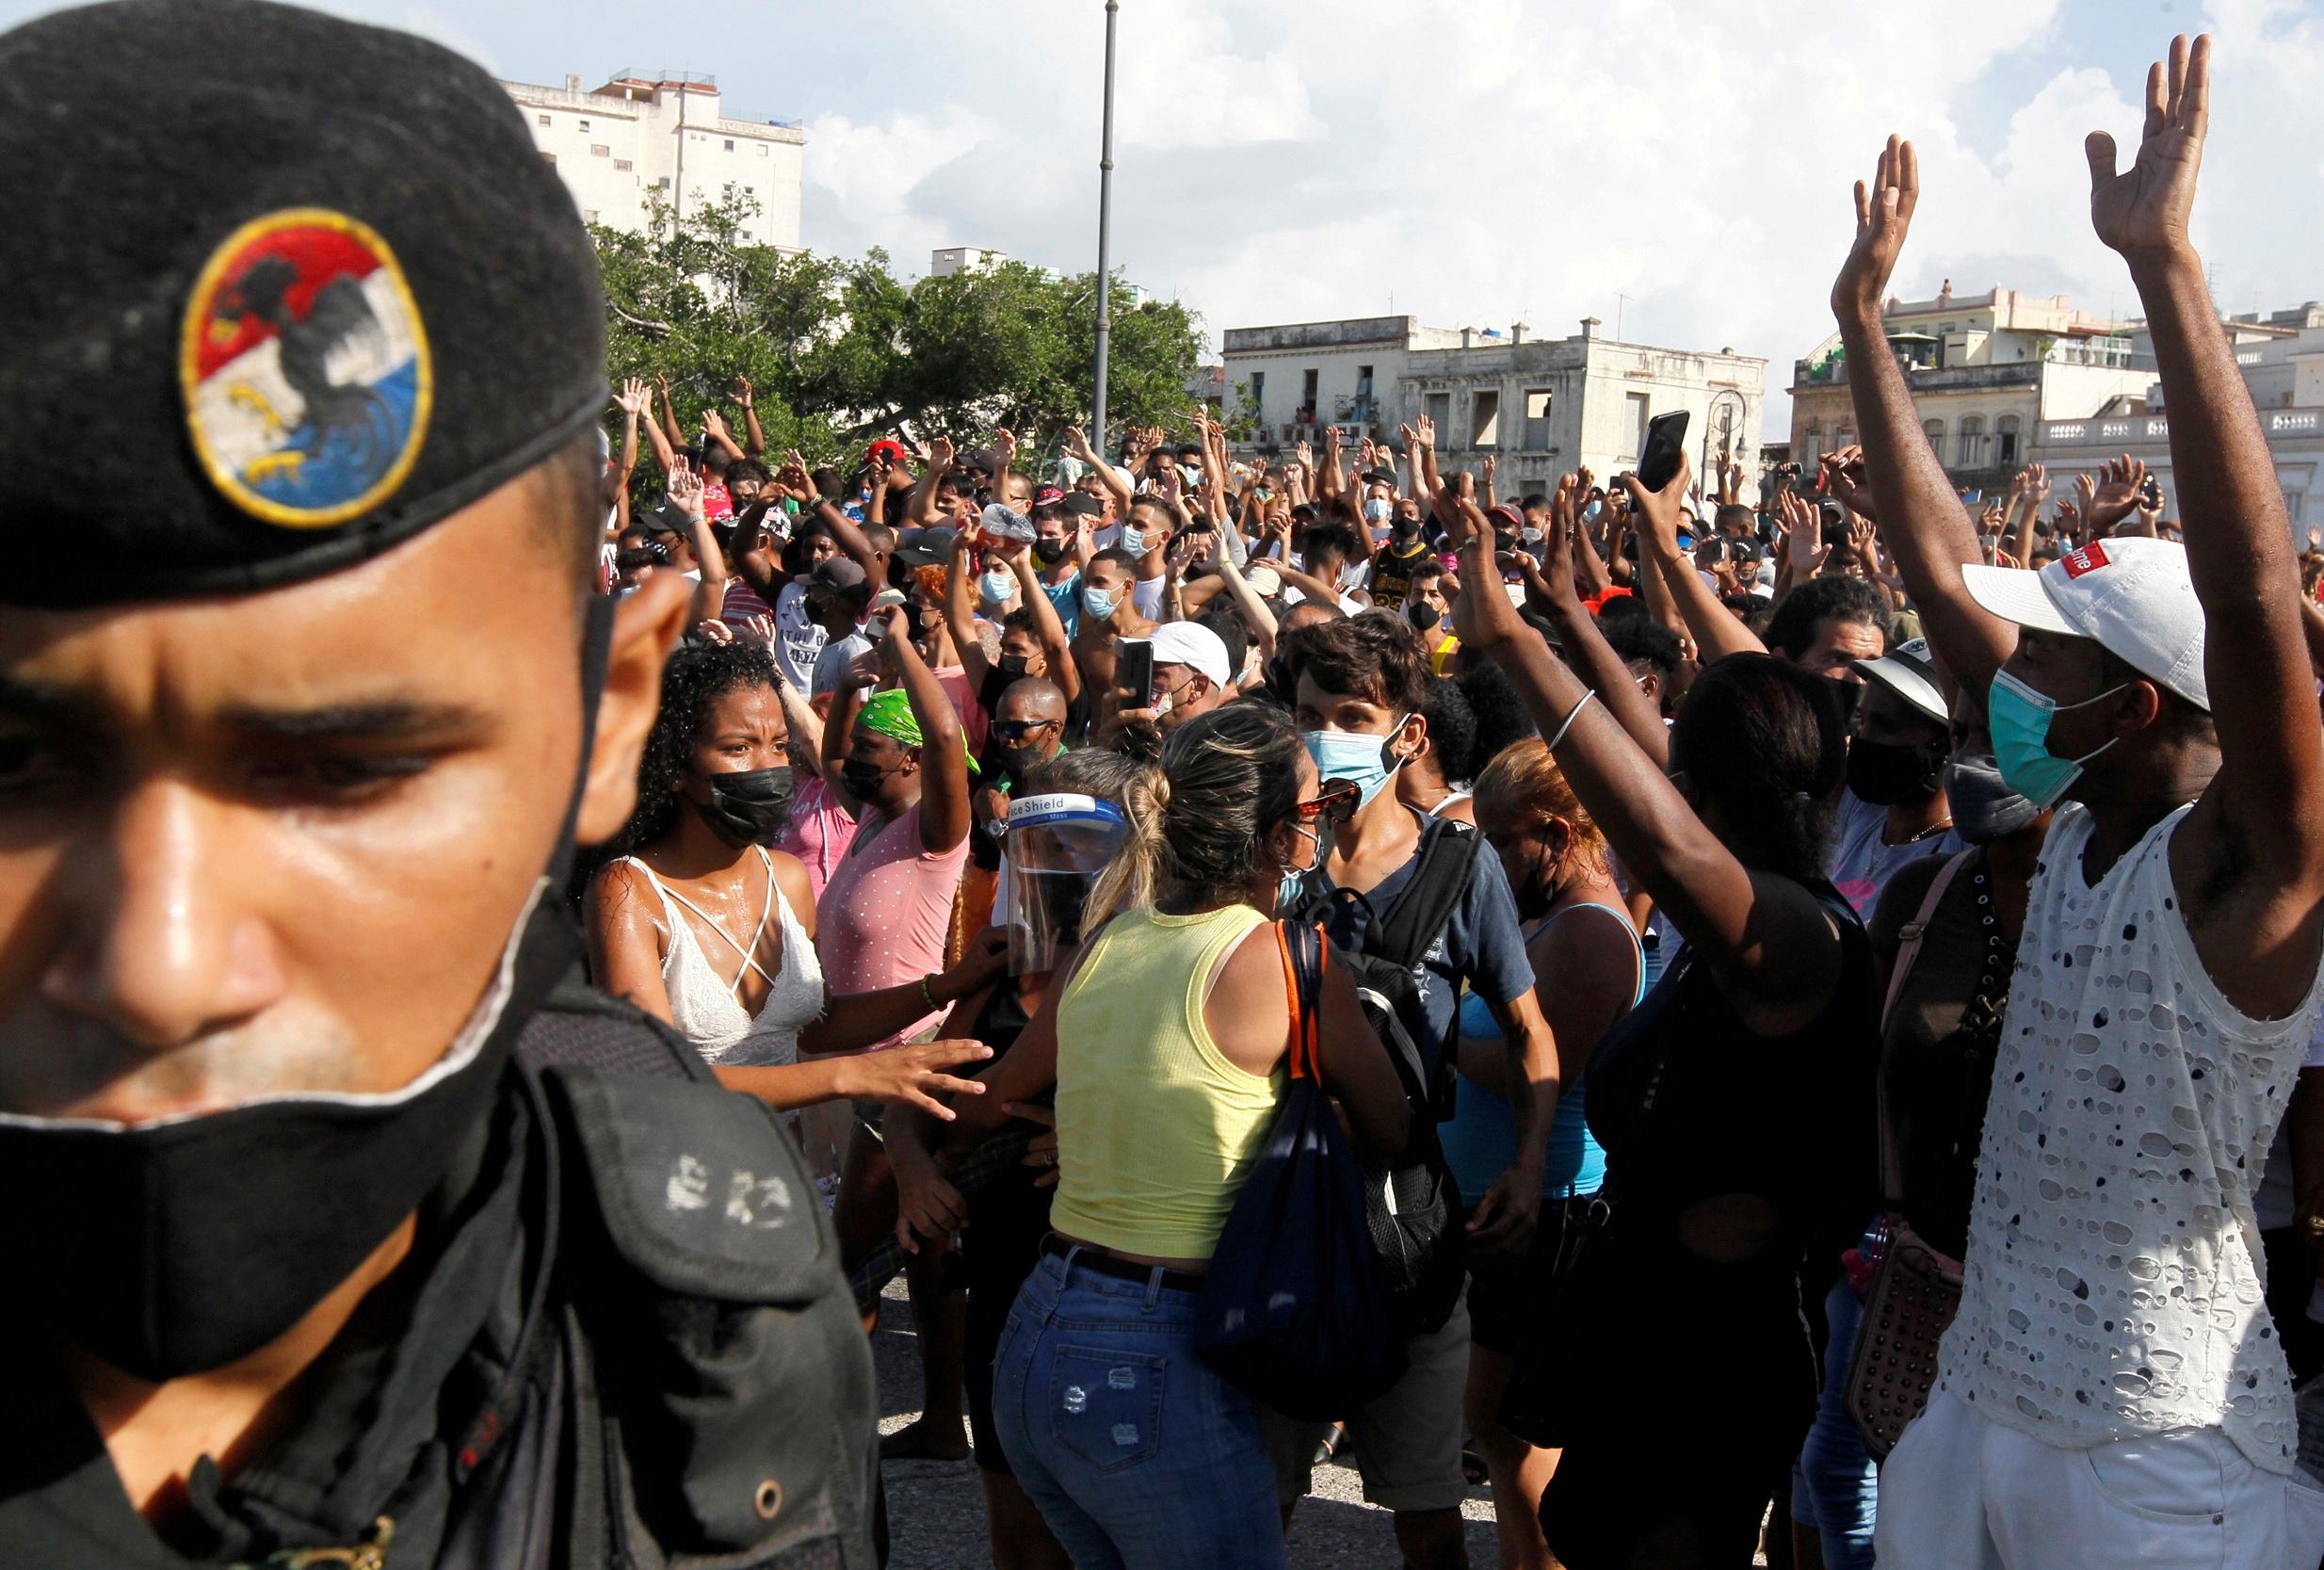 «Φλέγεται» η Κούβα: Ένας νεκρός και αρκετοί τραυματίες σε αντικυβερνητικές διαδηλώσεις